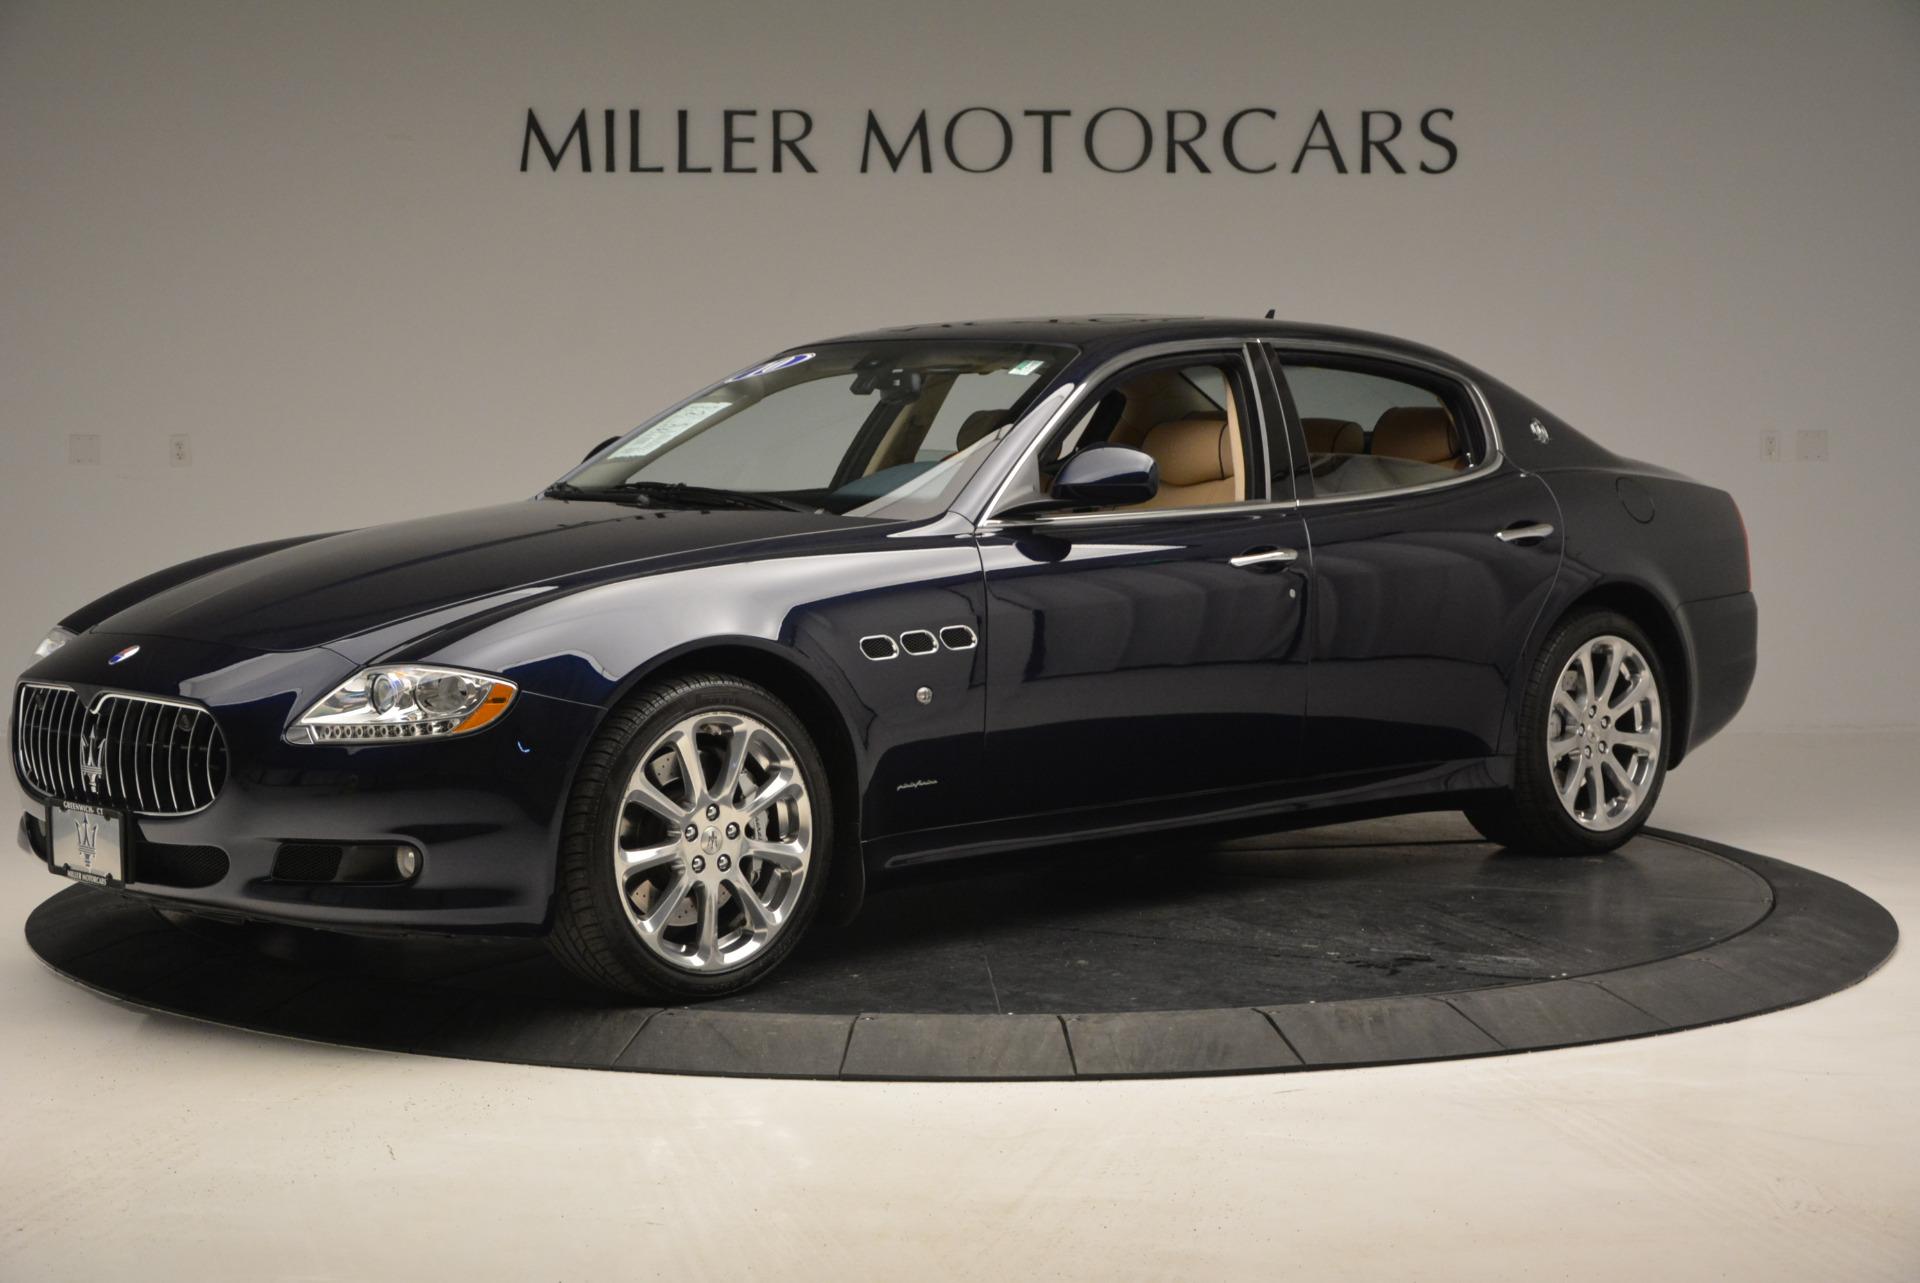 Used 2010 Maserati Quattroporte S For Sale In Greenwich, CT. Alfa Romeo of Greenwich, 1267 795_p2